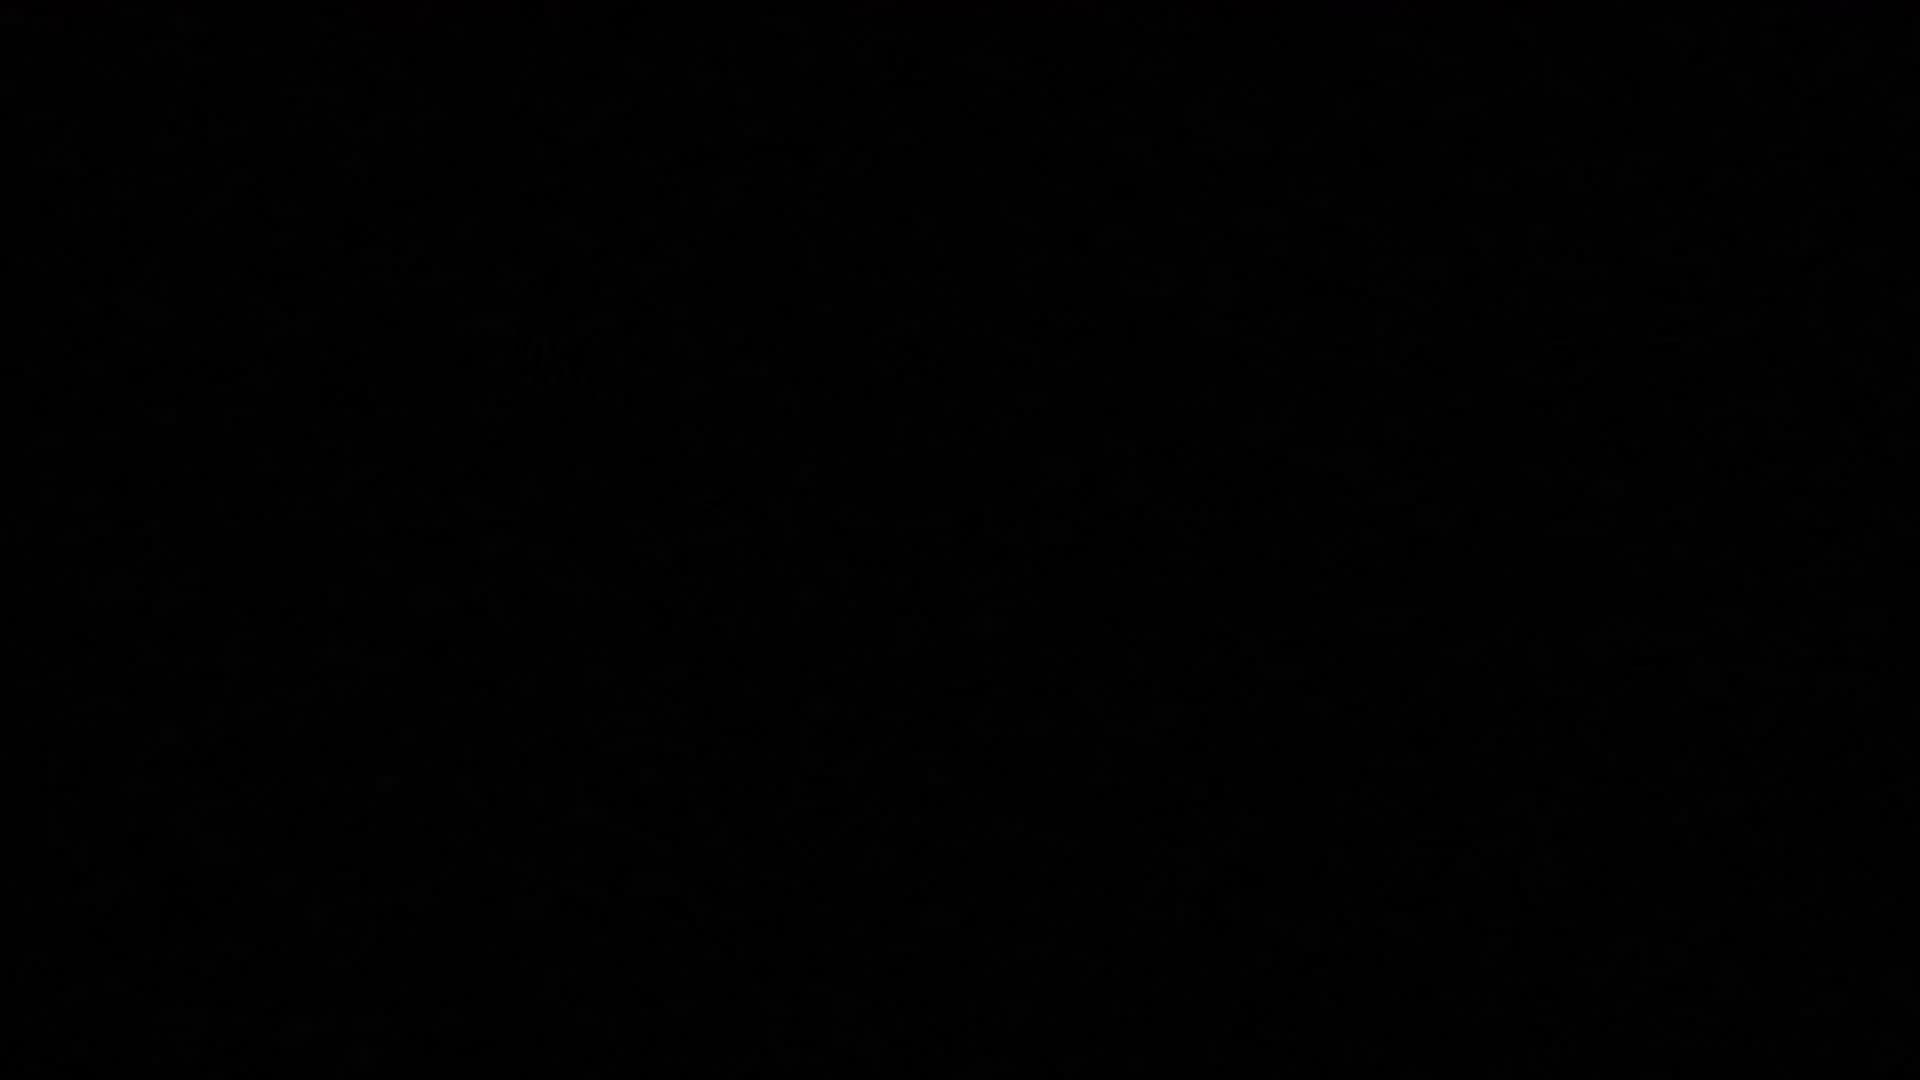 おちんちん|SPYさん初投稿!マンション覗き!5000K!ハイビジョン撮影VOL.05(元サッカー部員社会人)|自慰